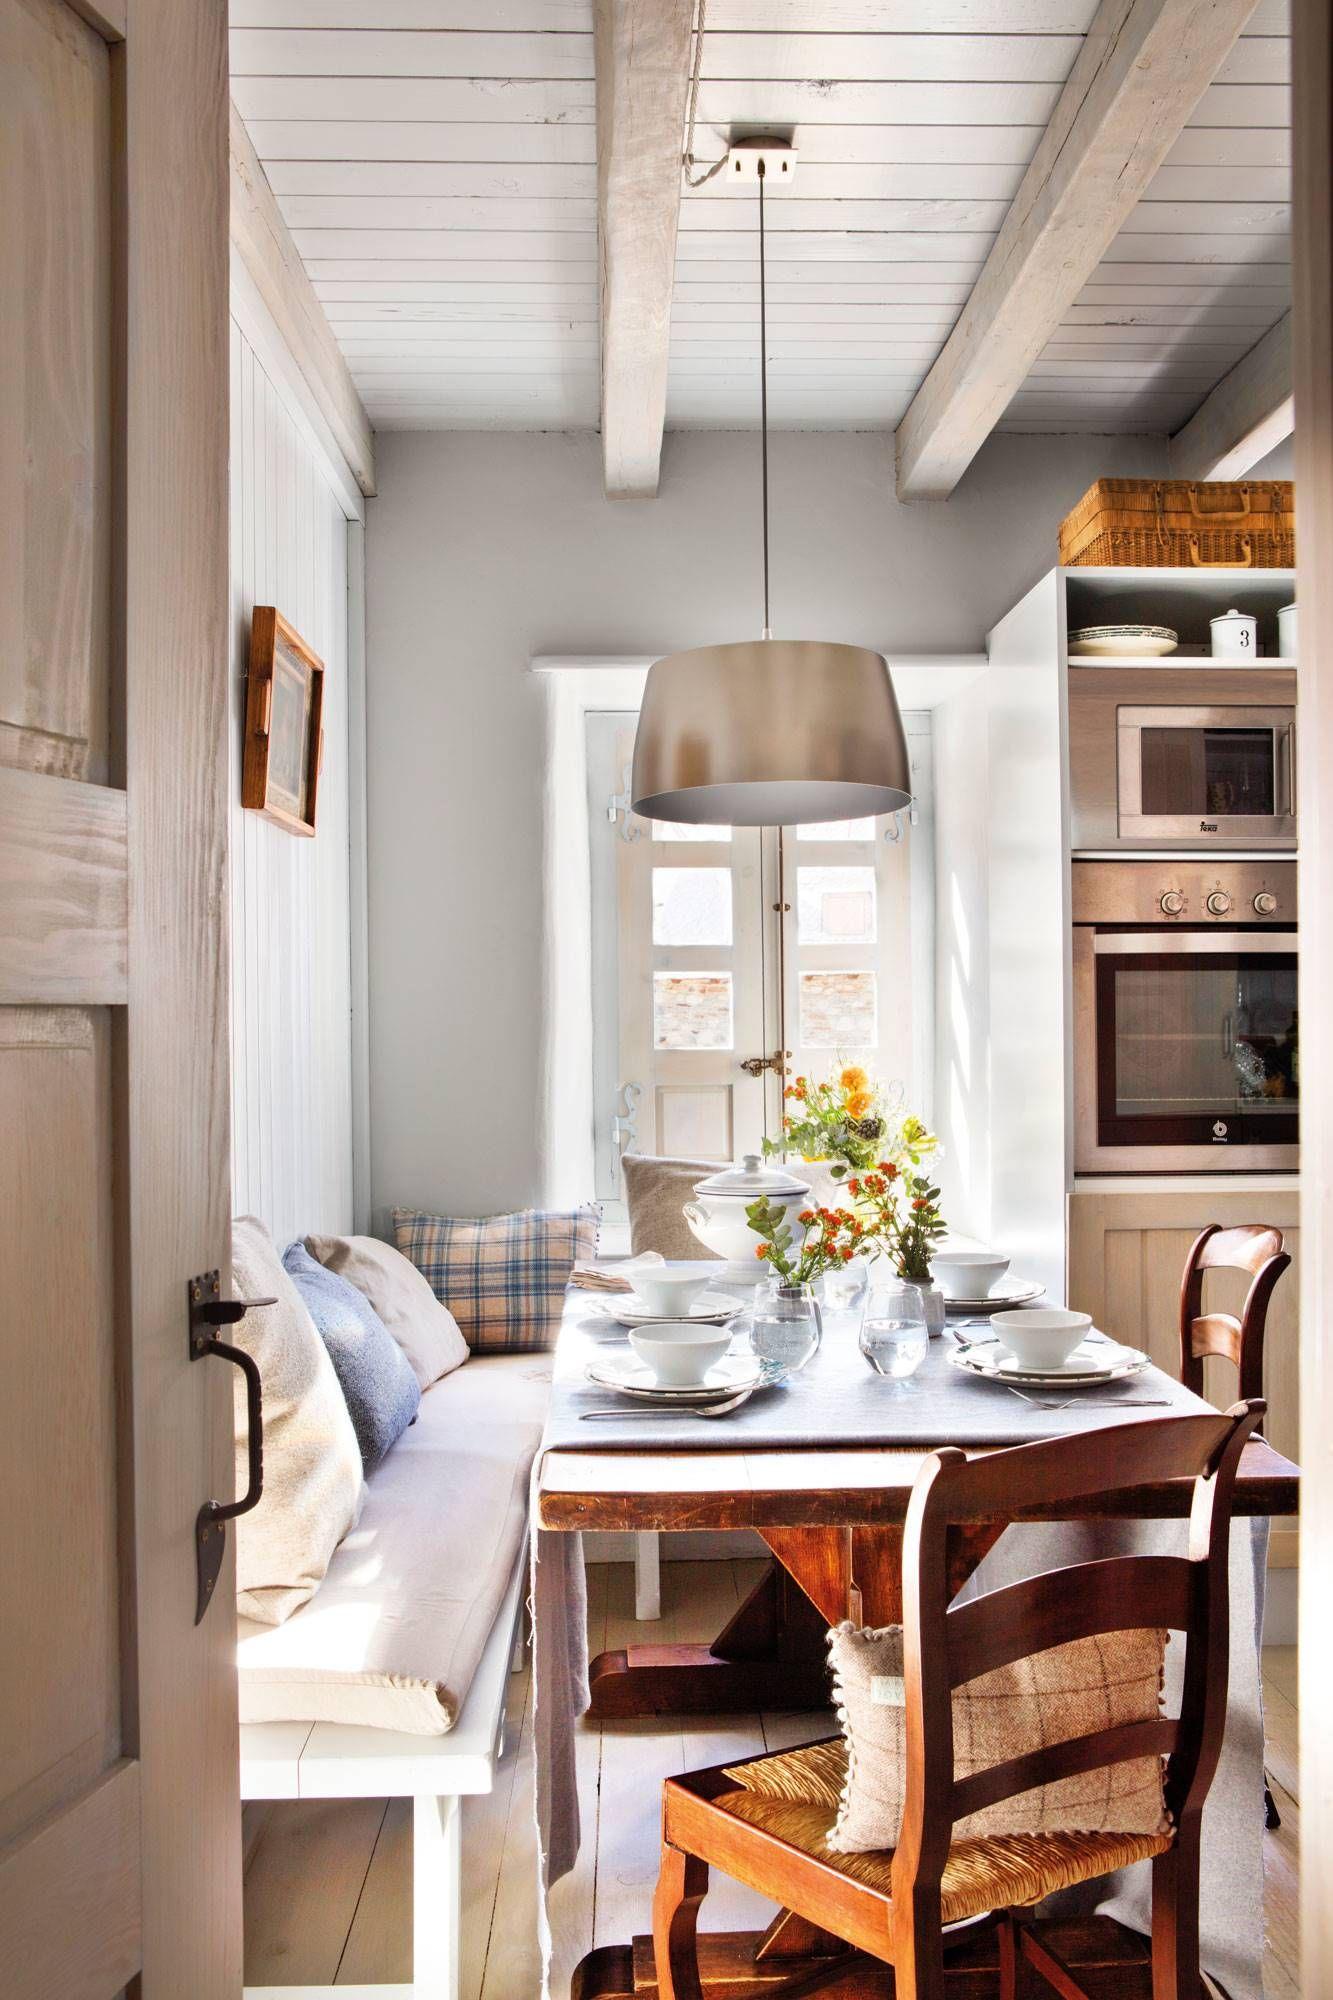 Dar Calidez Al Dormitorio De Siempre Diseño De Interiores De Cocina Casas De Invierno Decoracion Casas De Campo